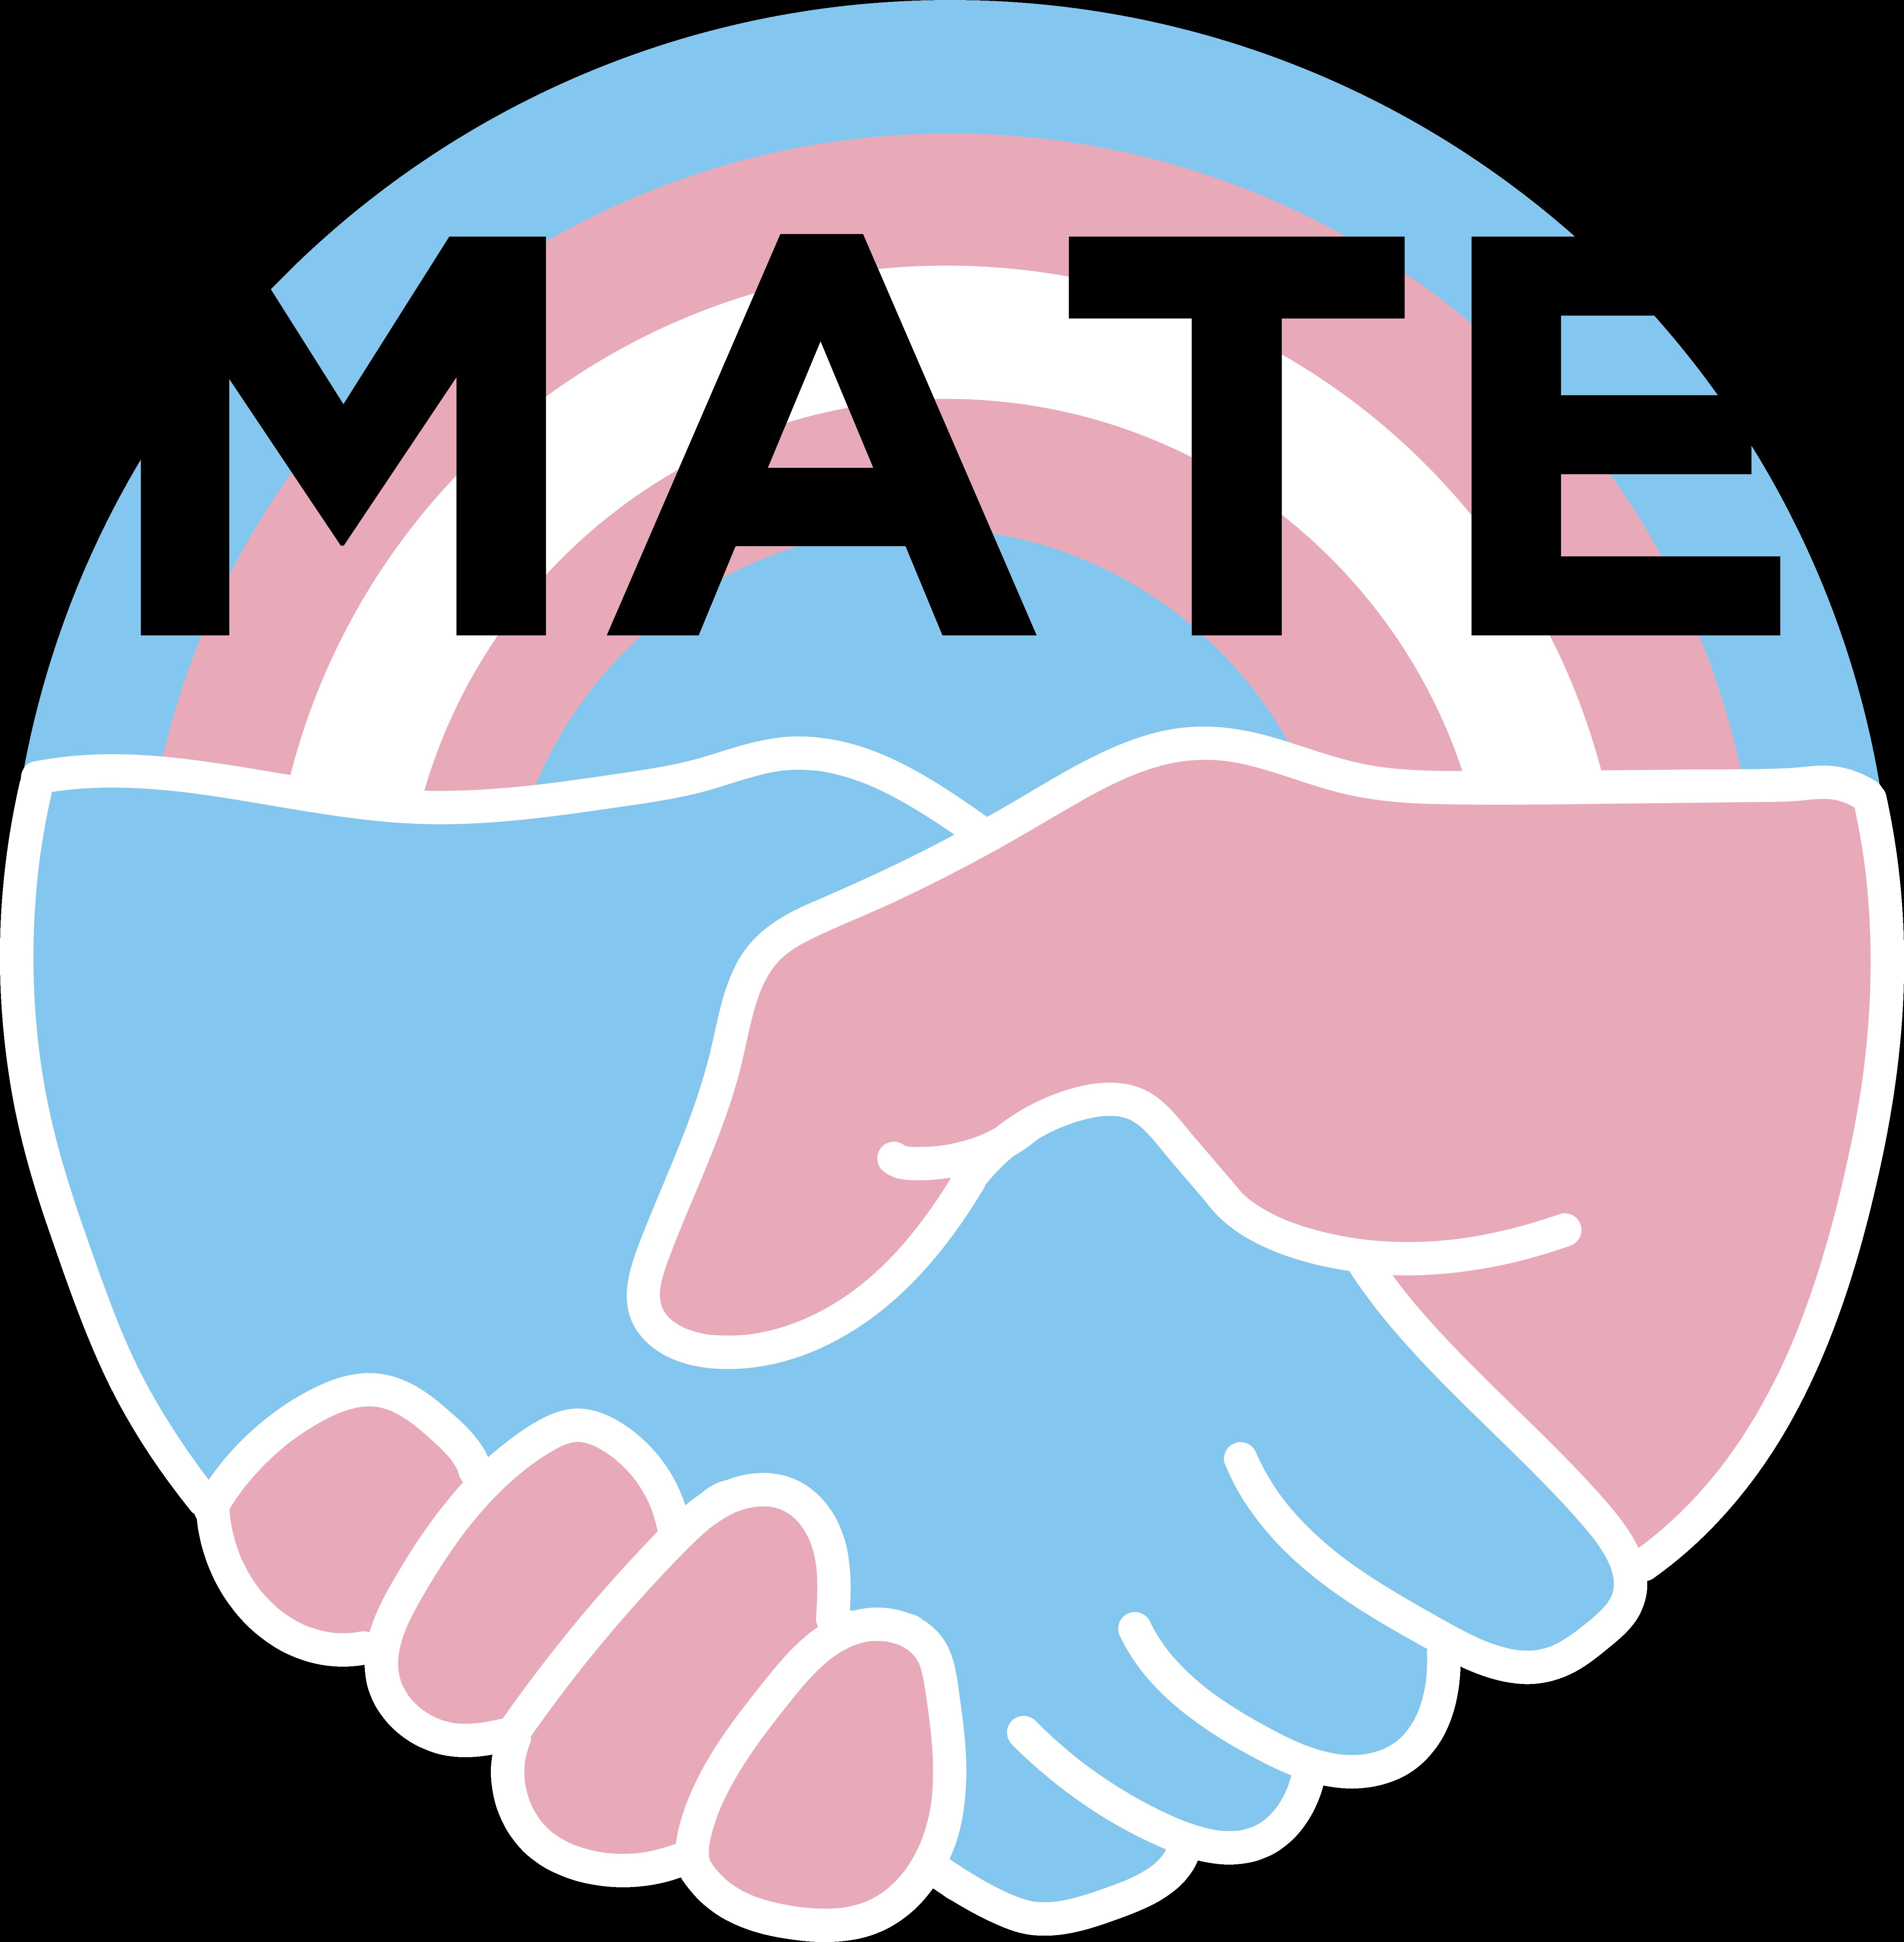 Mutual Aid Trans Edinburgh